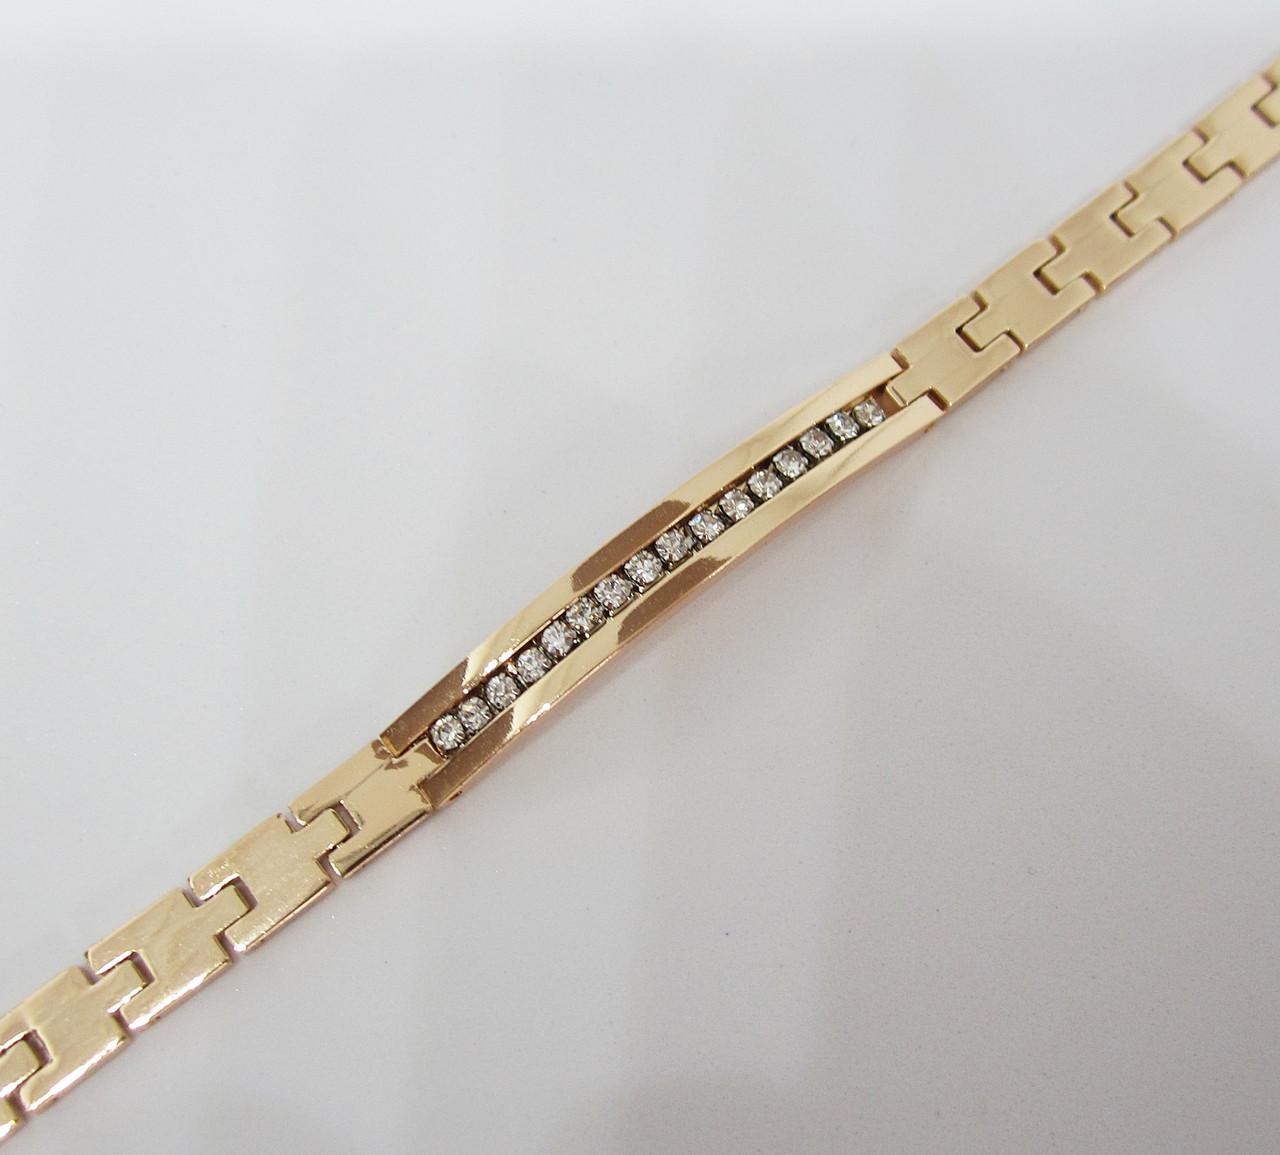 Браслет длина 20 см ширина 6 мм ювелирная бижутерия